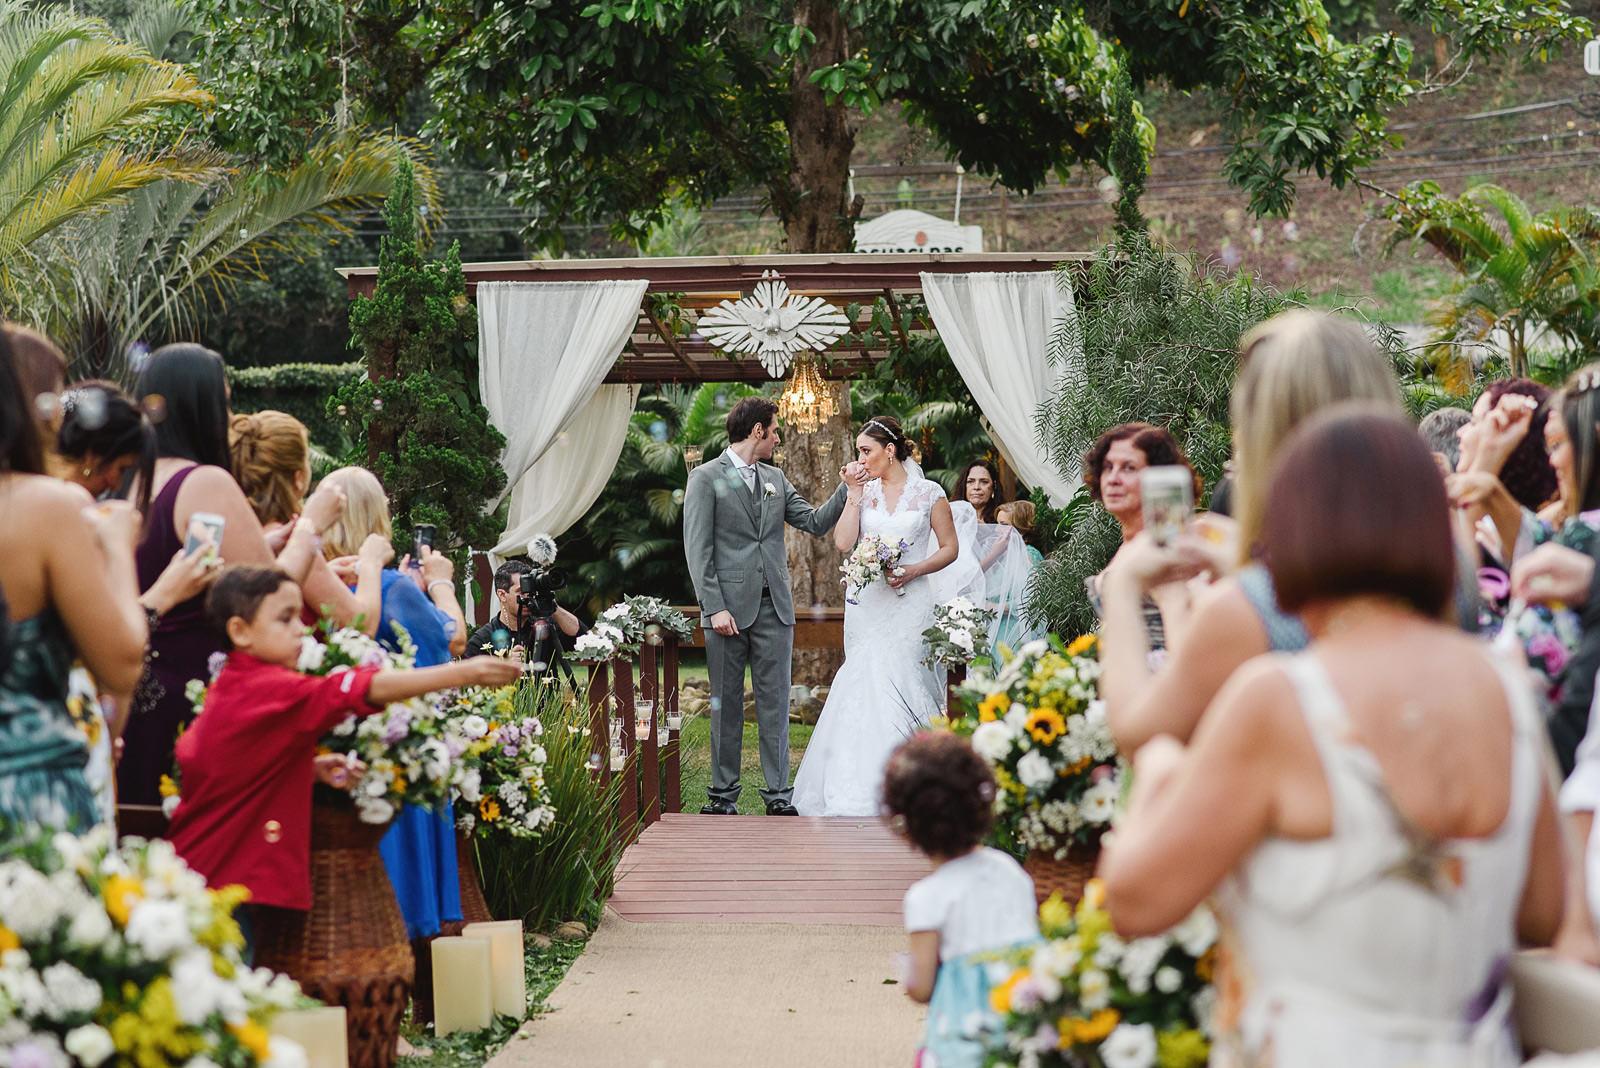 foto-casamento-casuarinas-rj-ema-gab-38